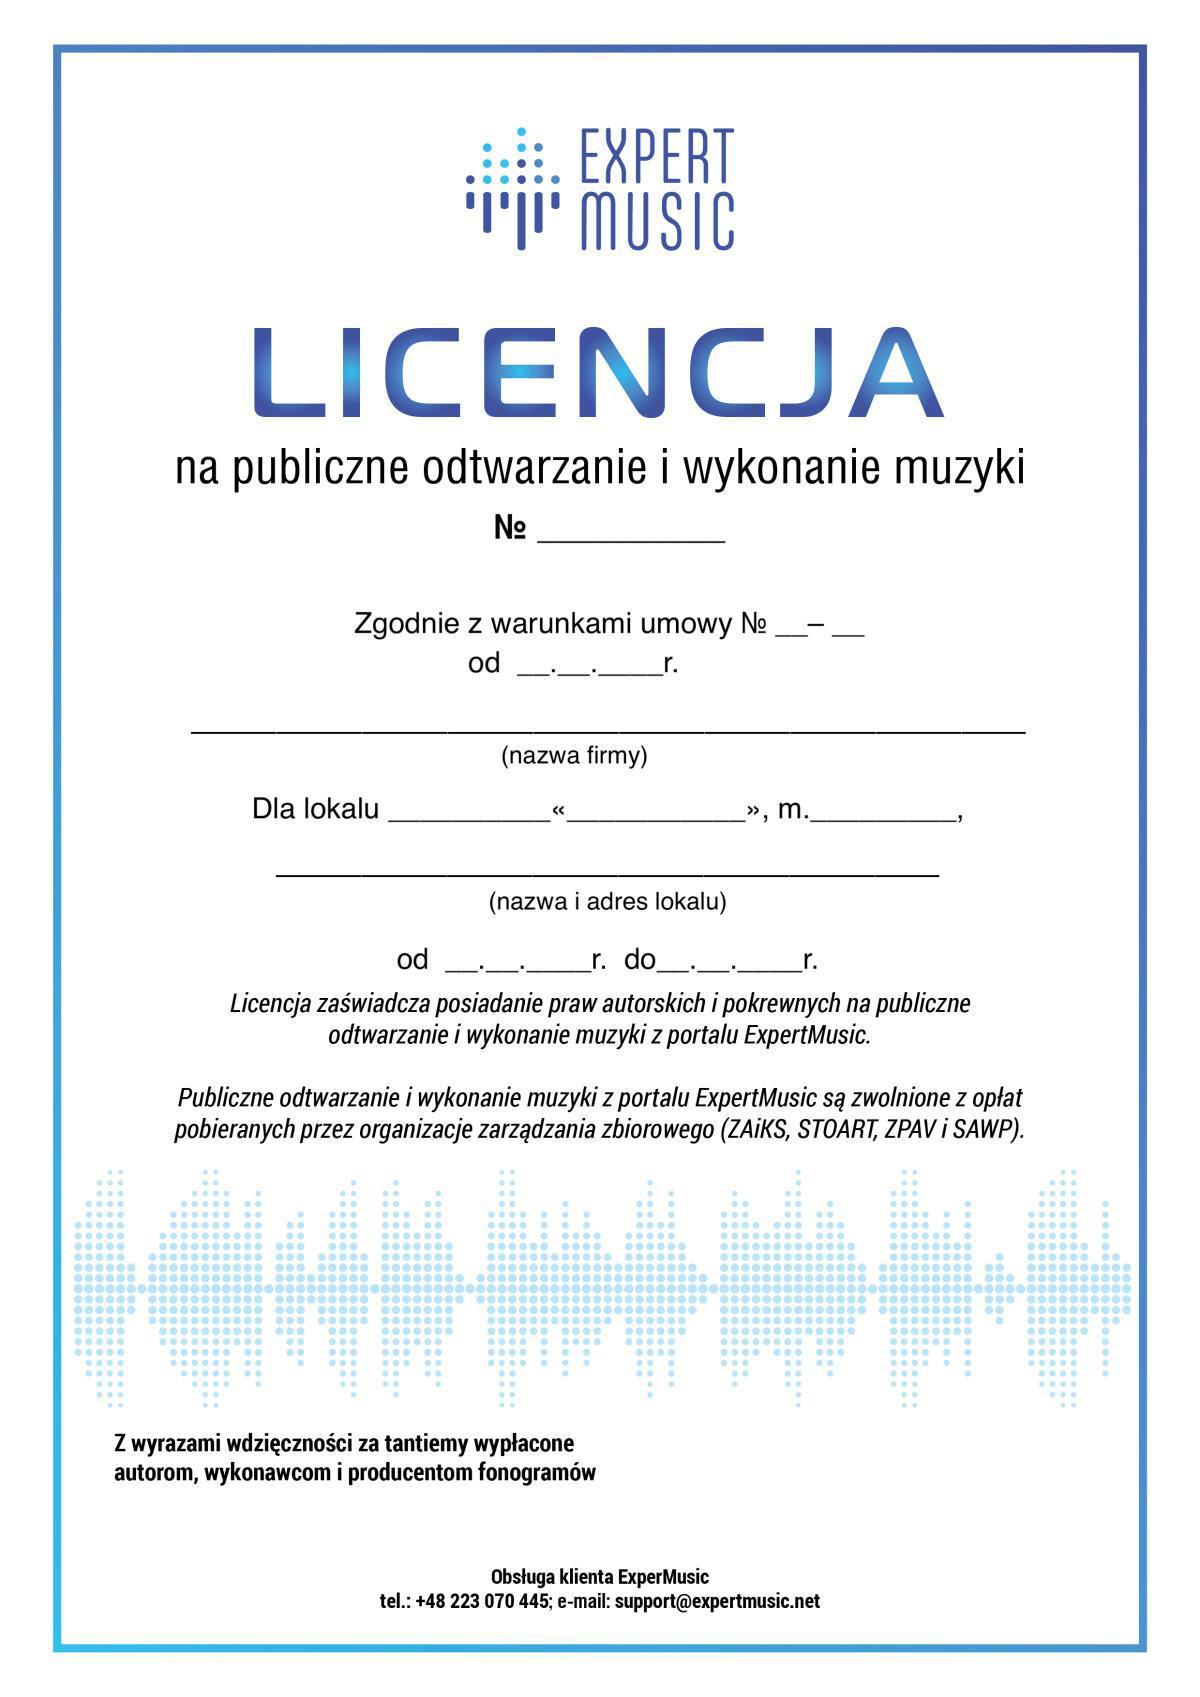 Licencja na muzykę bez ZAIKS